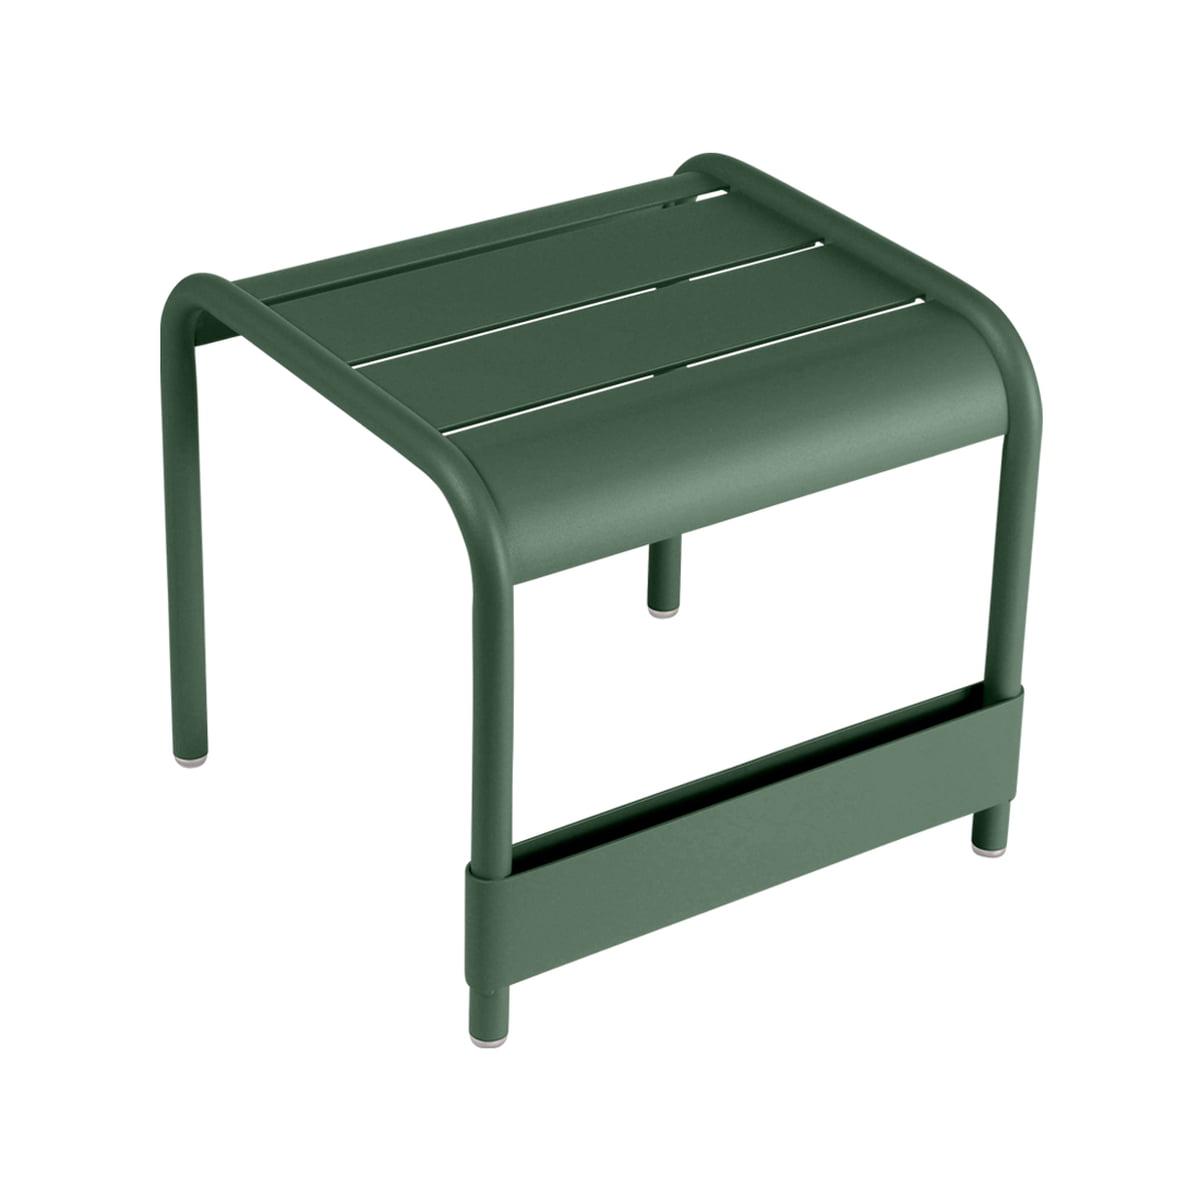 luxembourg niedriger tisch fu bank von fermob. Black Bedroom Furniture Sets. Home Design Ideas